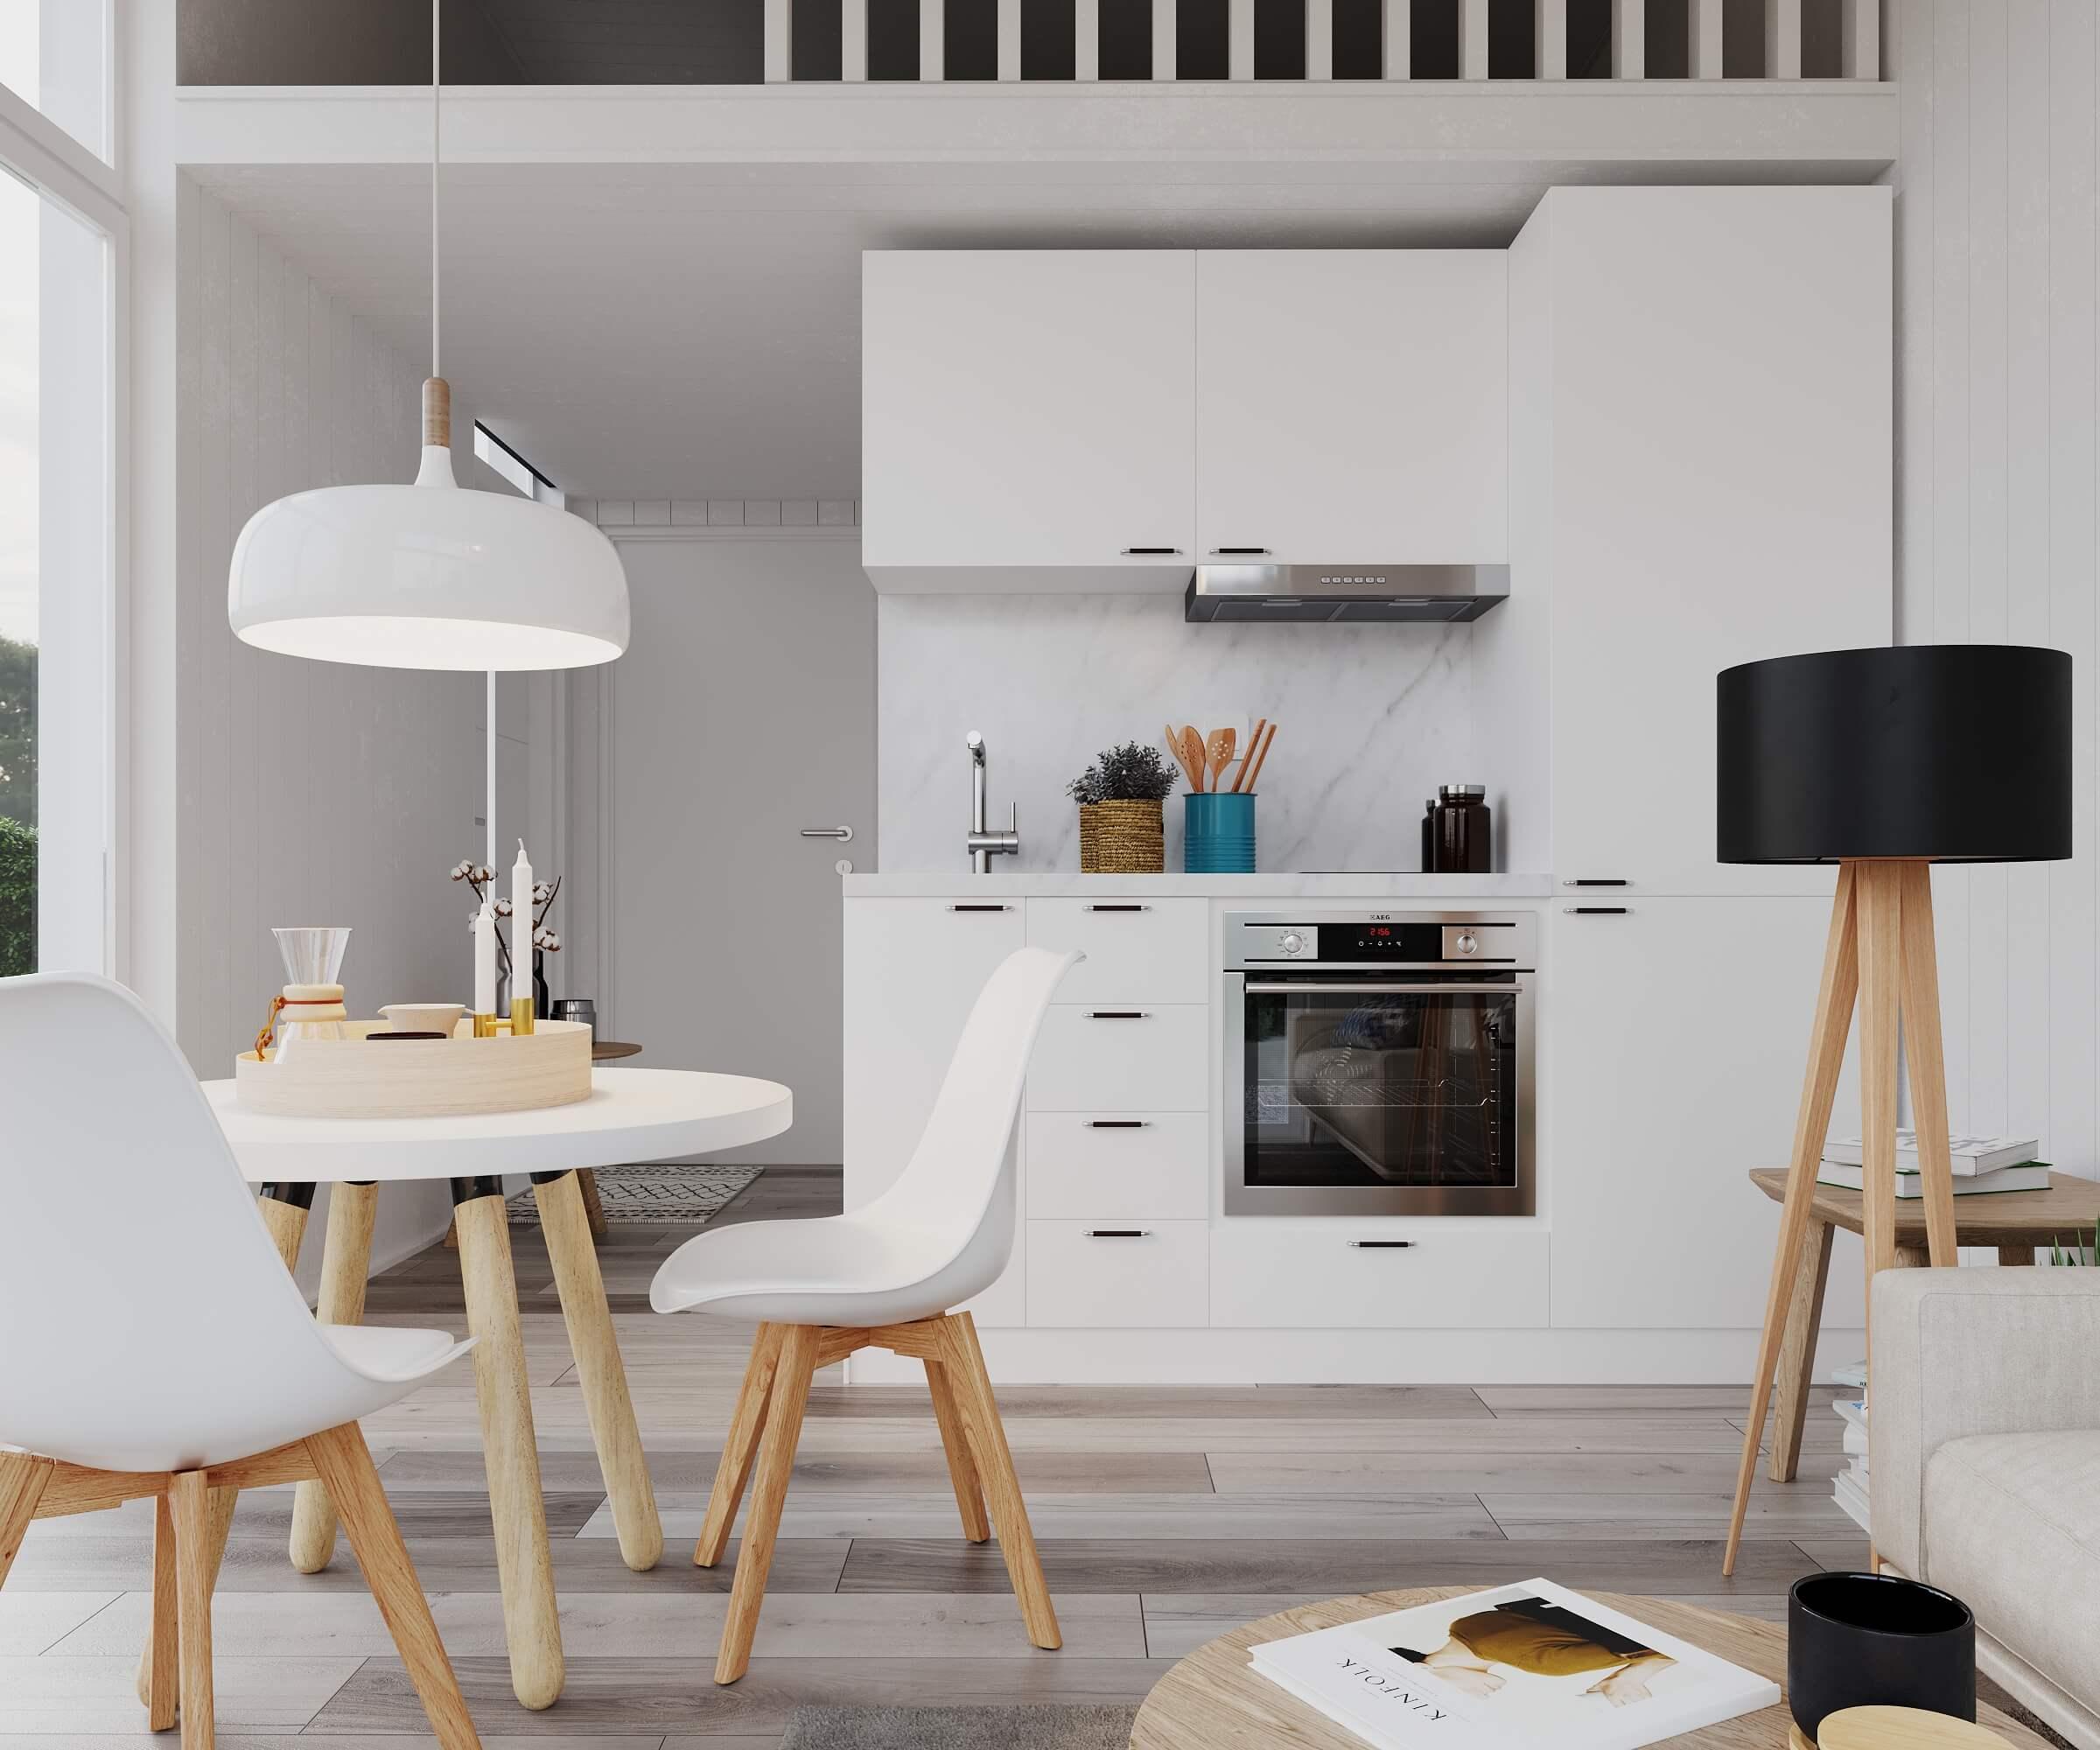 Kök med vita köksluckor och inudktionshäll i attefallshus